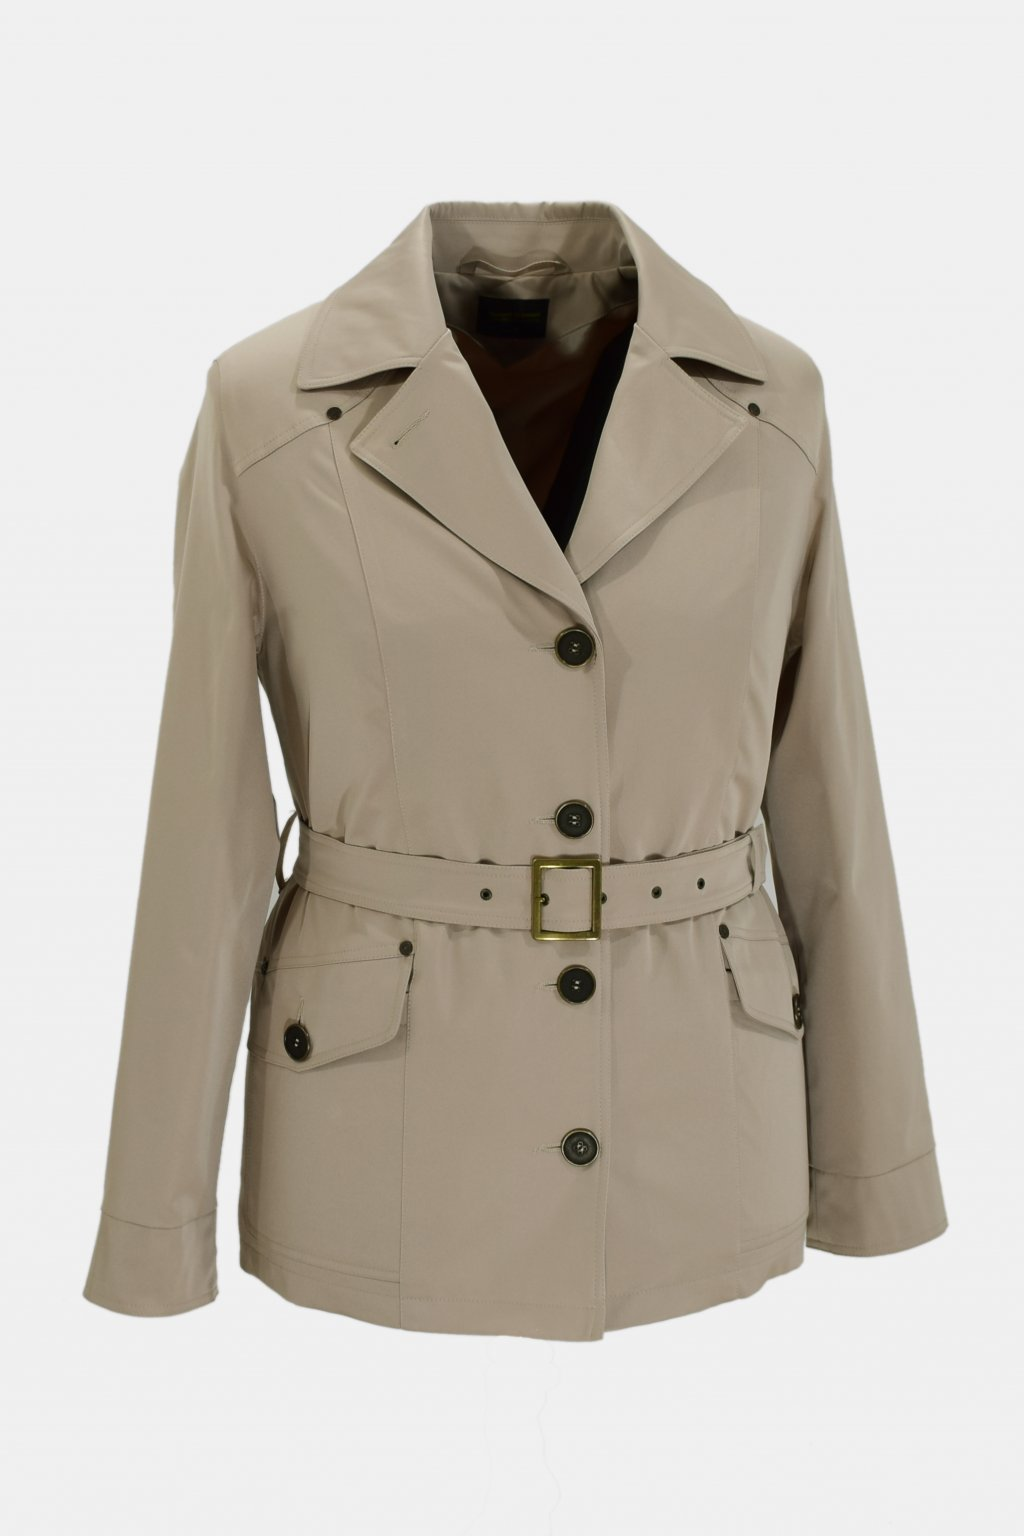 Dámský béžová jarní kabátek Gábina nadměrné velikosti.